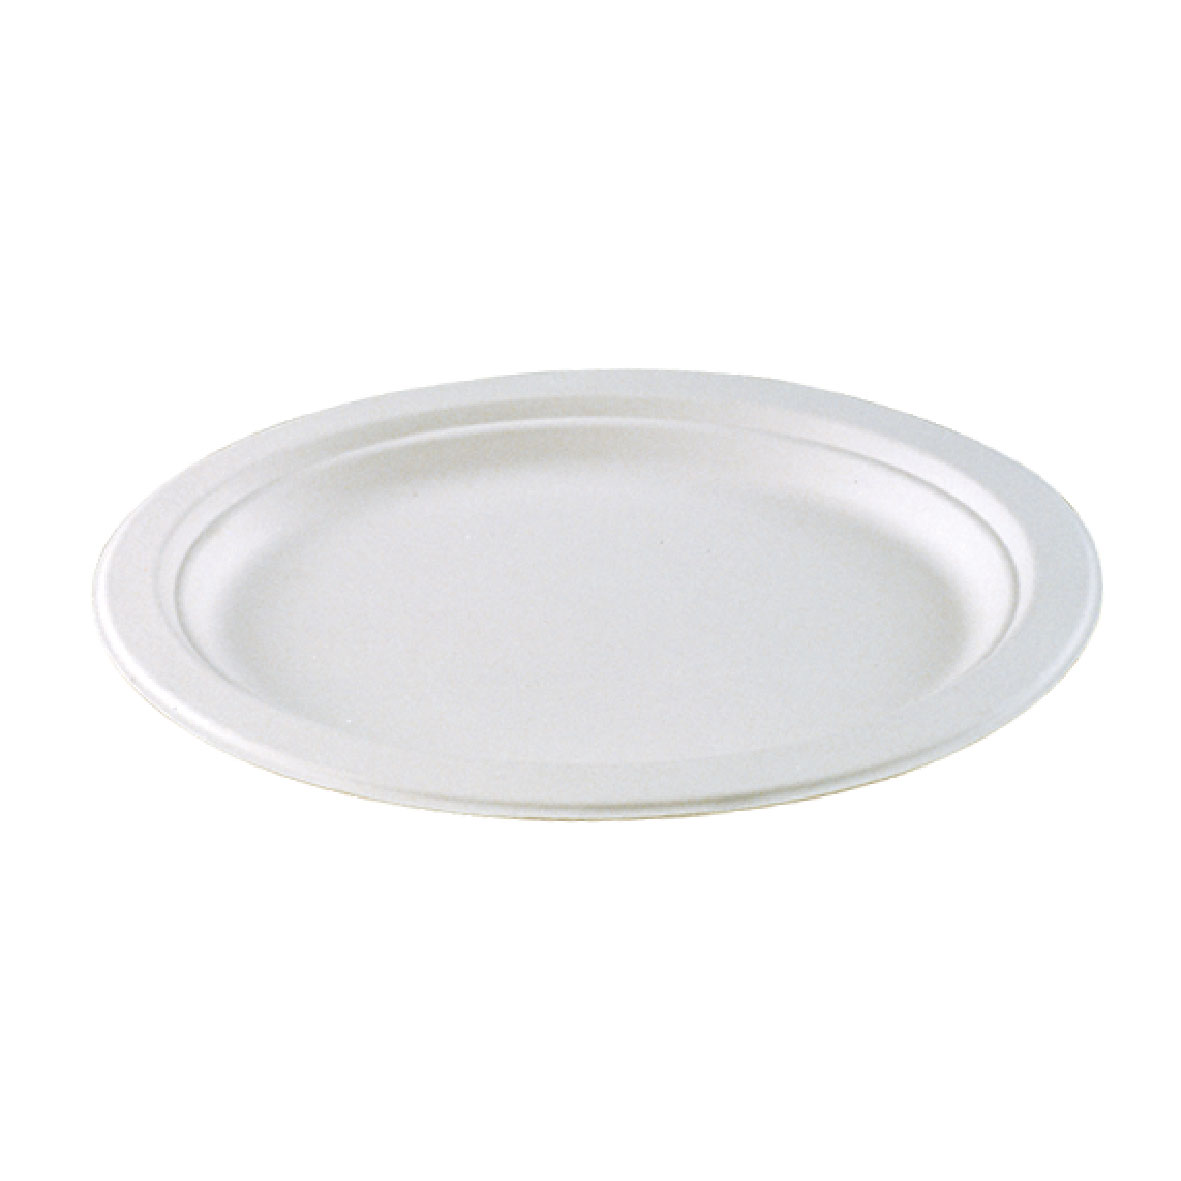 Набор овальных блюд Gracs, биоразлагаемых, цвет: белый, 31,5 х 21,5 см, 10 штVT-1520(SR)Набор Gracs состоит из 10 овальных блюд, выполненных из экологически чистого материала - сахарного тростника. Материал не содержит токсинов и канцерогенов. Набор Gracs можно использовать как для холодных, так и для горячих продуктов.Набор можно использовать в микроволновой печи.Одноразовая биоразлагаемая посуда Gracs- полезно для здоровья, безопасно для окружающей среды!Размер блюда: 31,5 см x 21,5 см x 2 см.